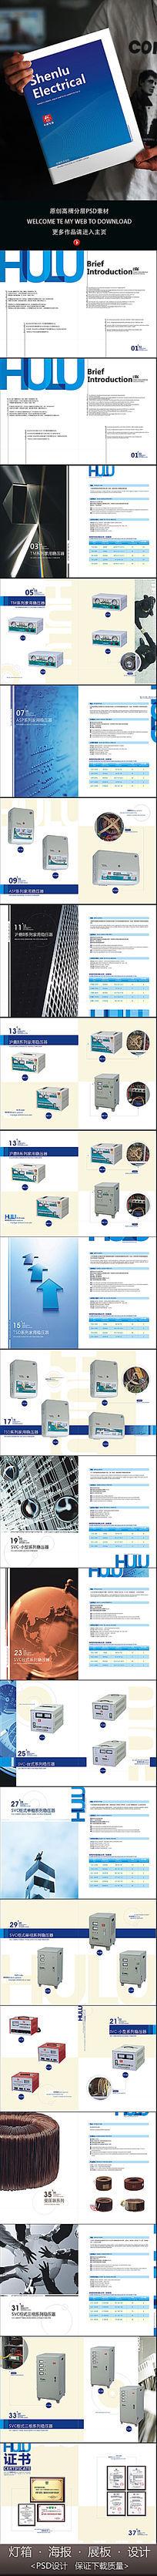 企业电器产品画册